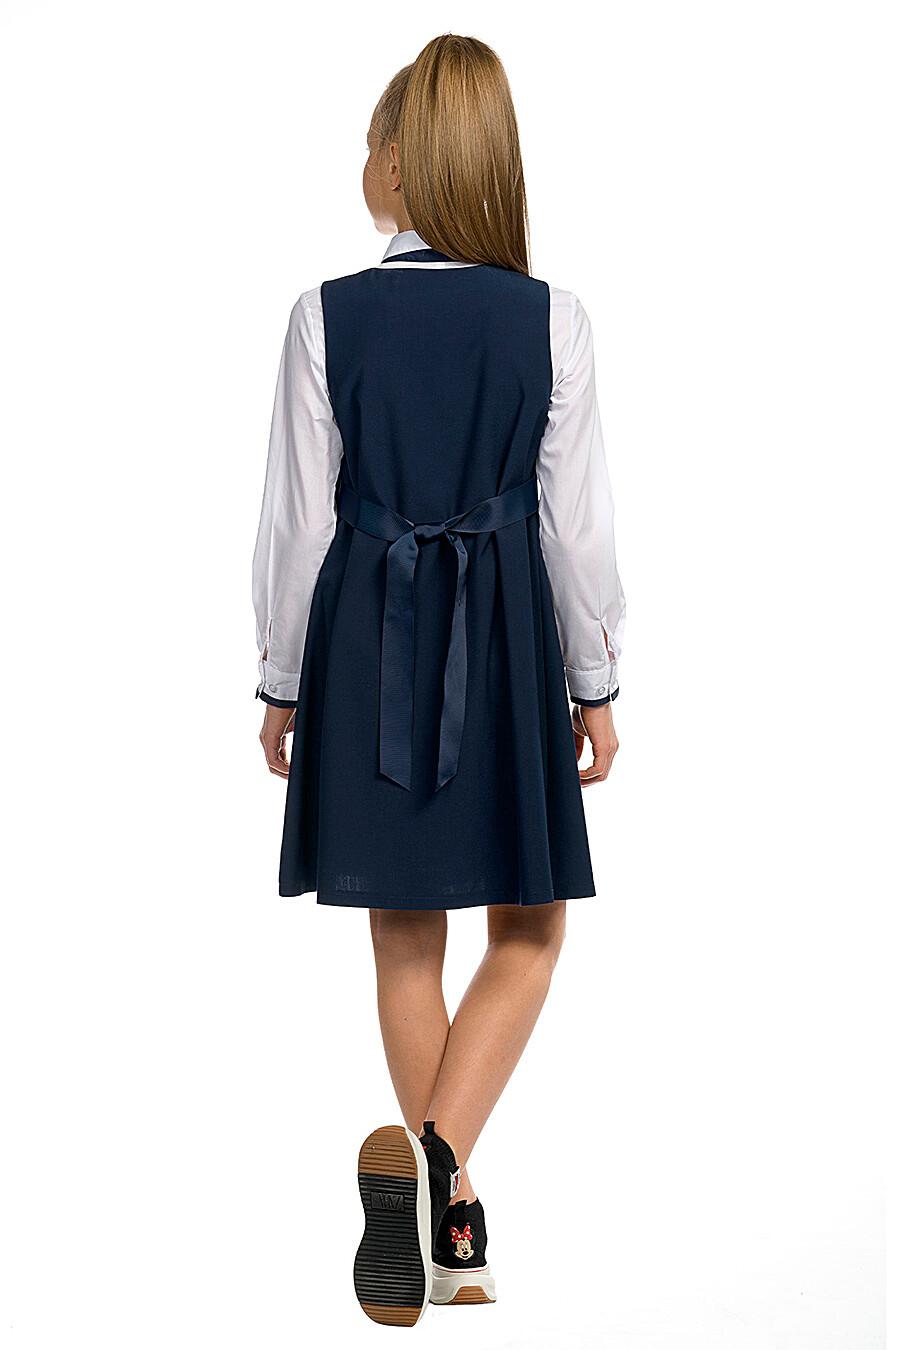 Сарафан для девочек PELICAN 218608 купить оптом от производителя. Совместная покупка детской одежды в OptMoyo